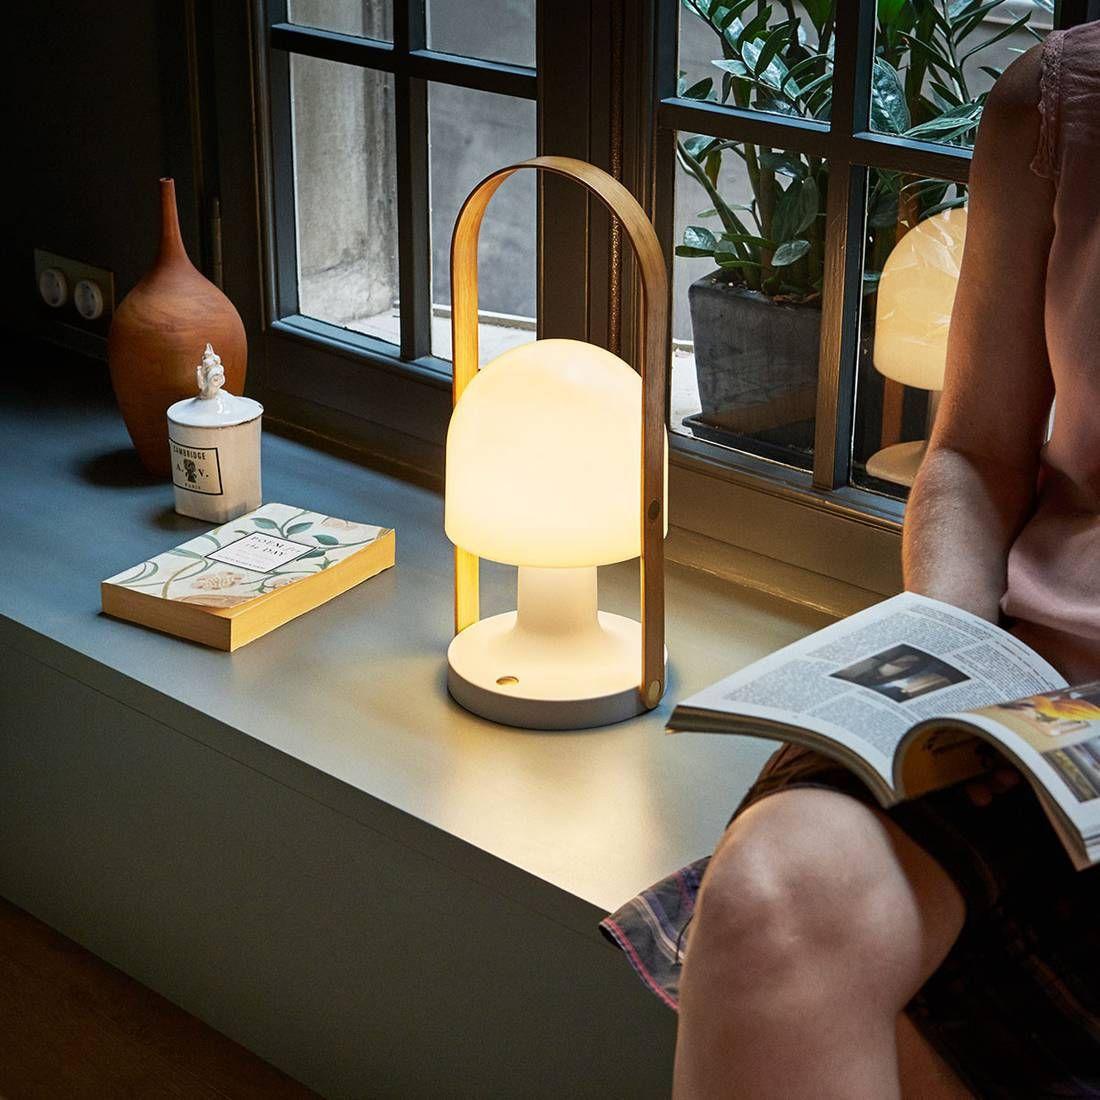 Follow Me Petite Lampe Baladeuse Led Rechargeable Avec Une Poignee En Chene Naturel Ideal Pour Vous Illuminer Pour Un Petit Baladeuse Led Lampe Baladeuse Lampe